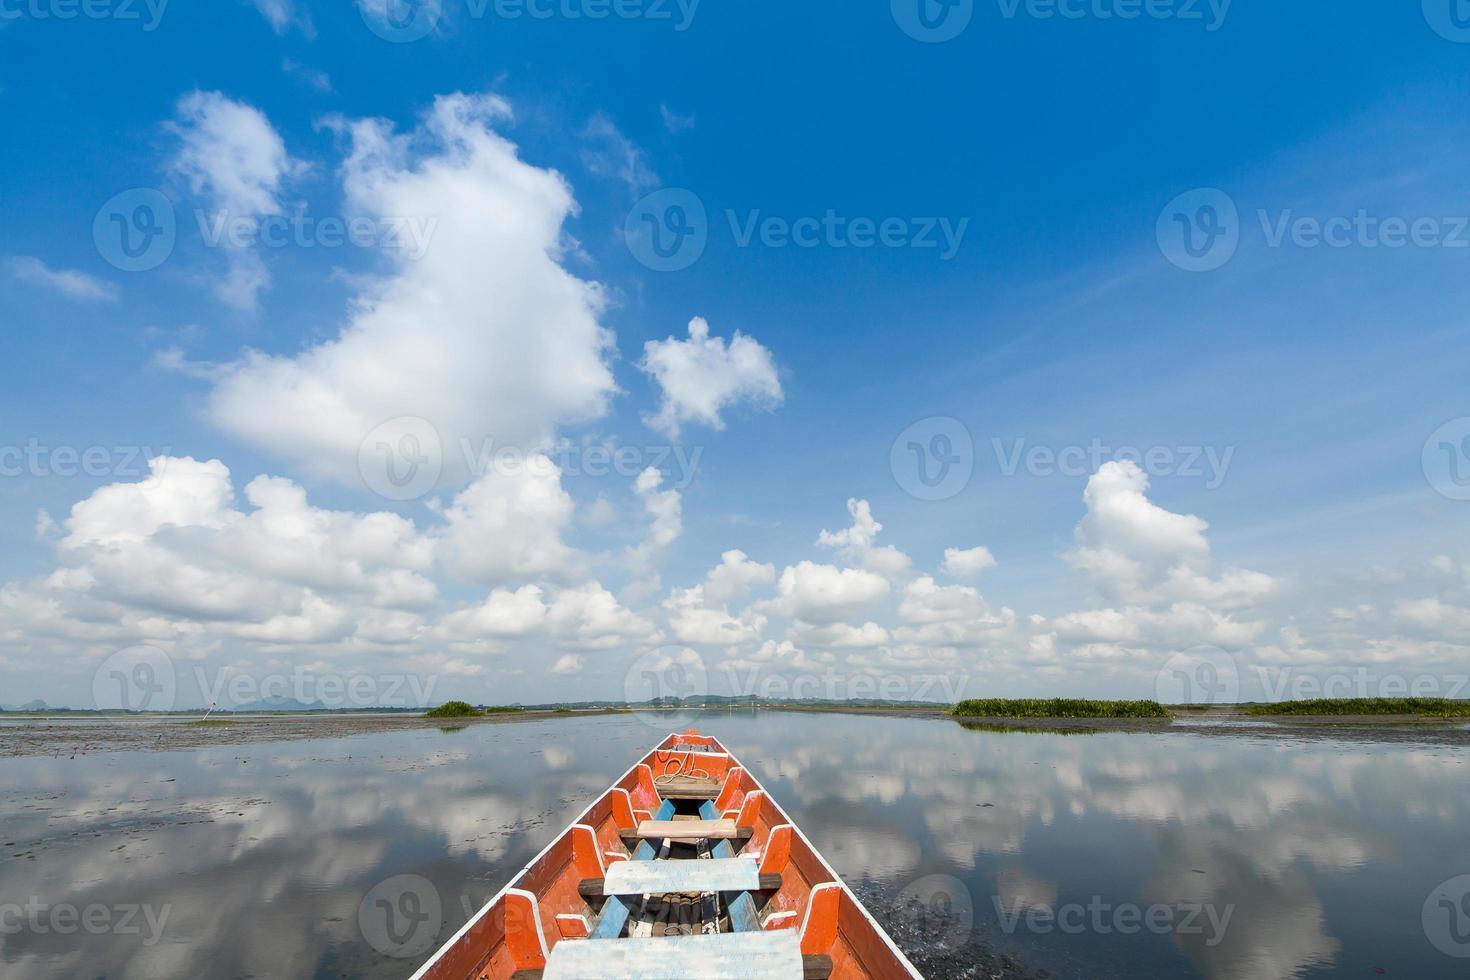 bateau dans le lac avec un ciel bleu nuageux photo